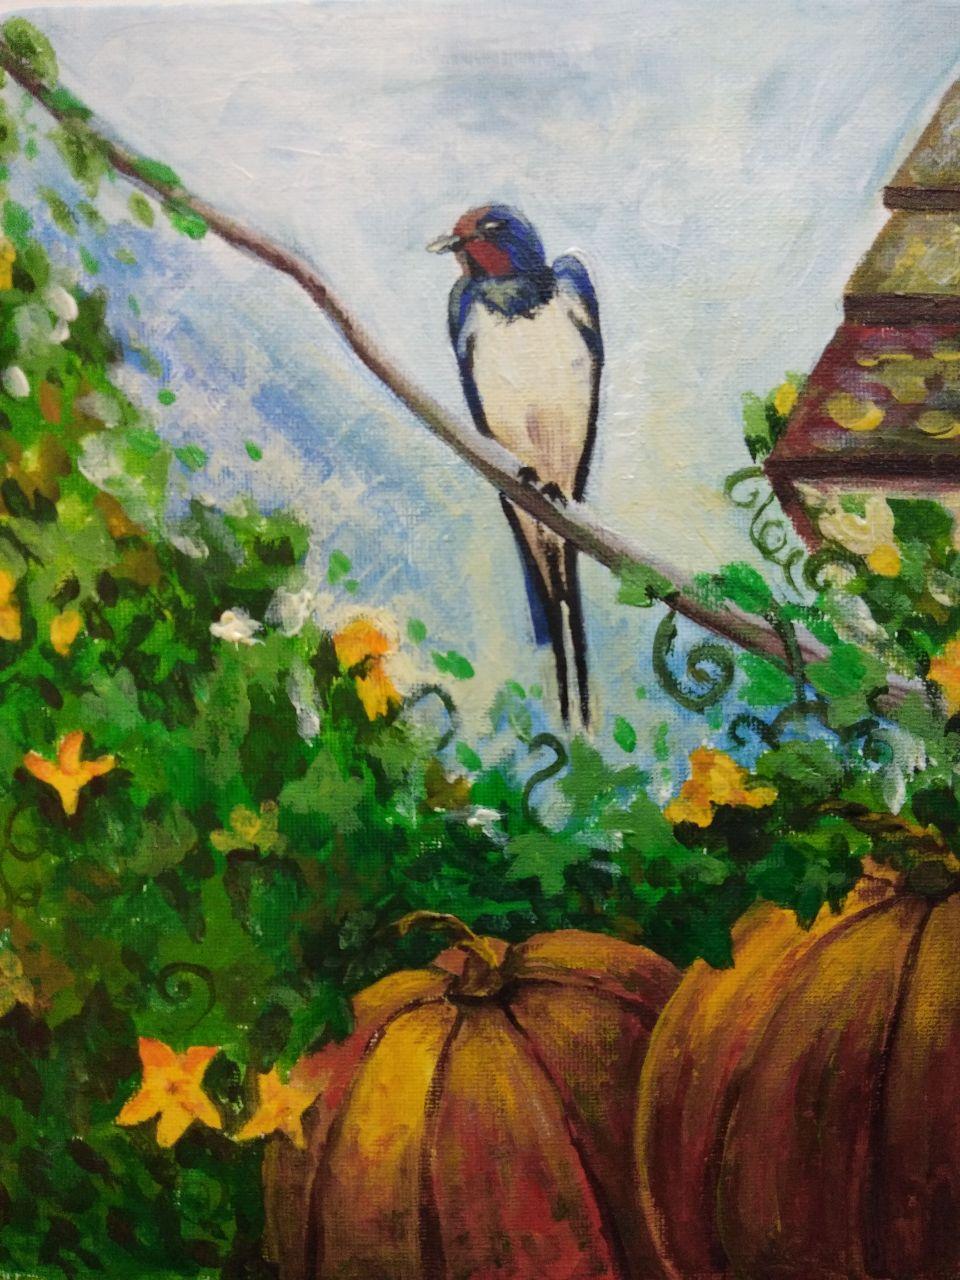 №528_Награда царя птиц